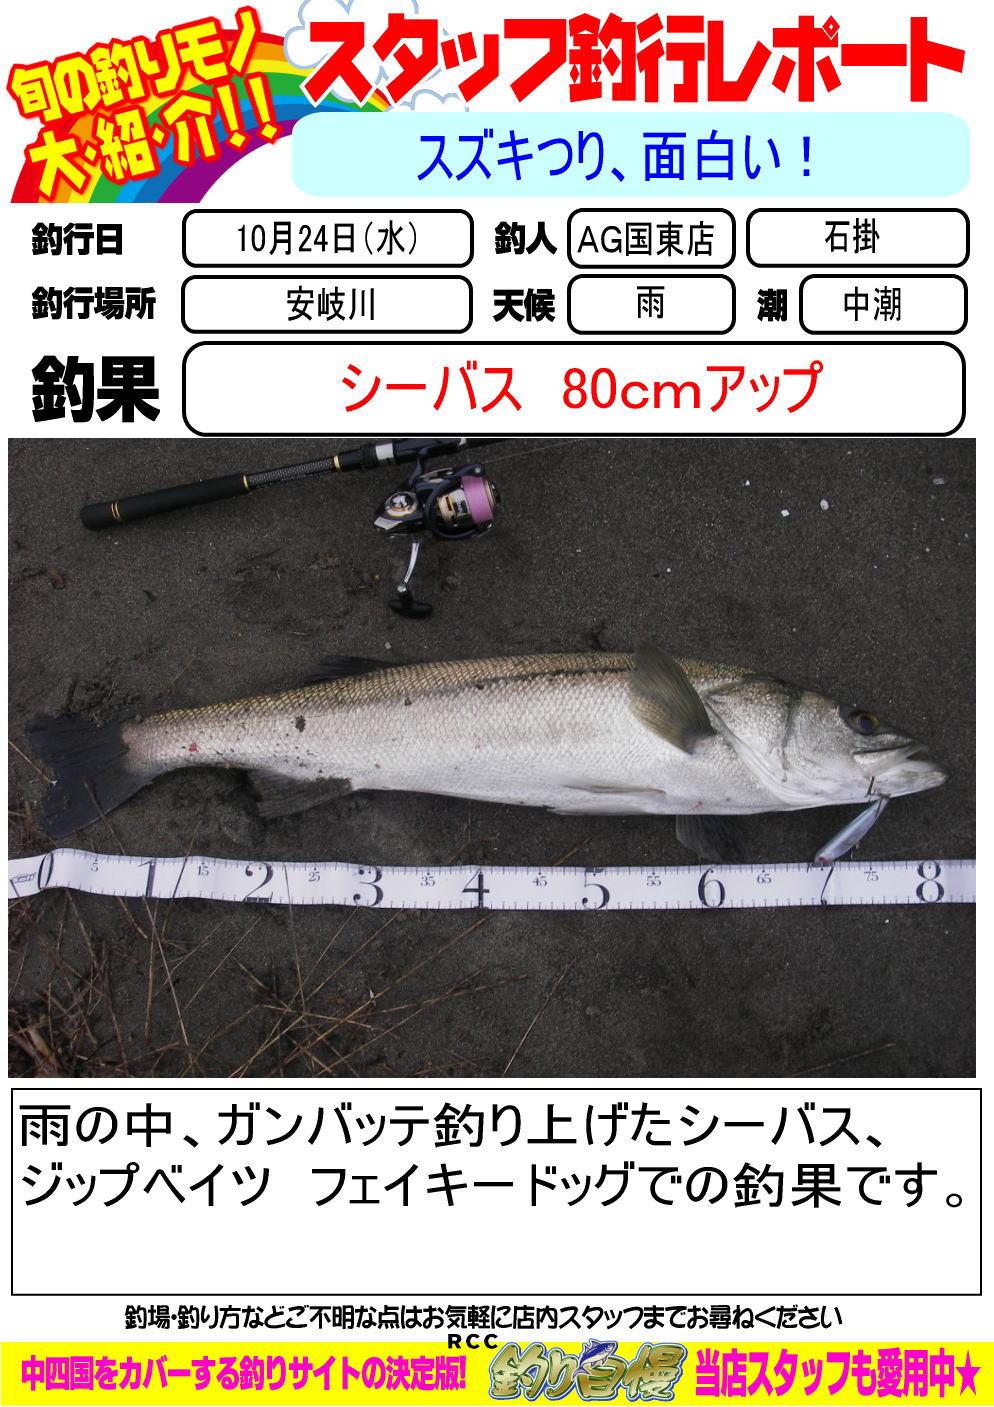 http://www.e-angle.co.jp/shop/blog/blog-20131023-kunisaki-si-basu.jpg